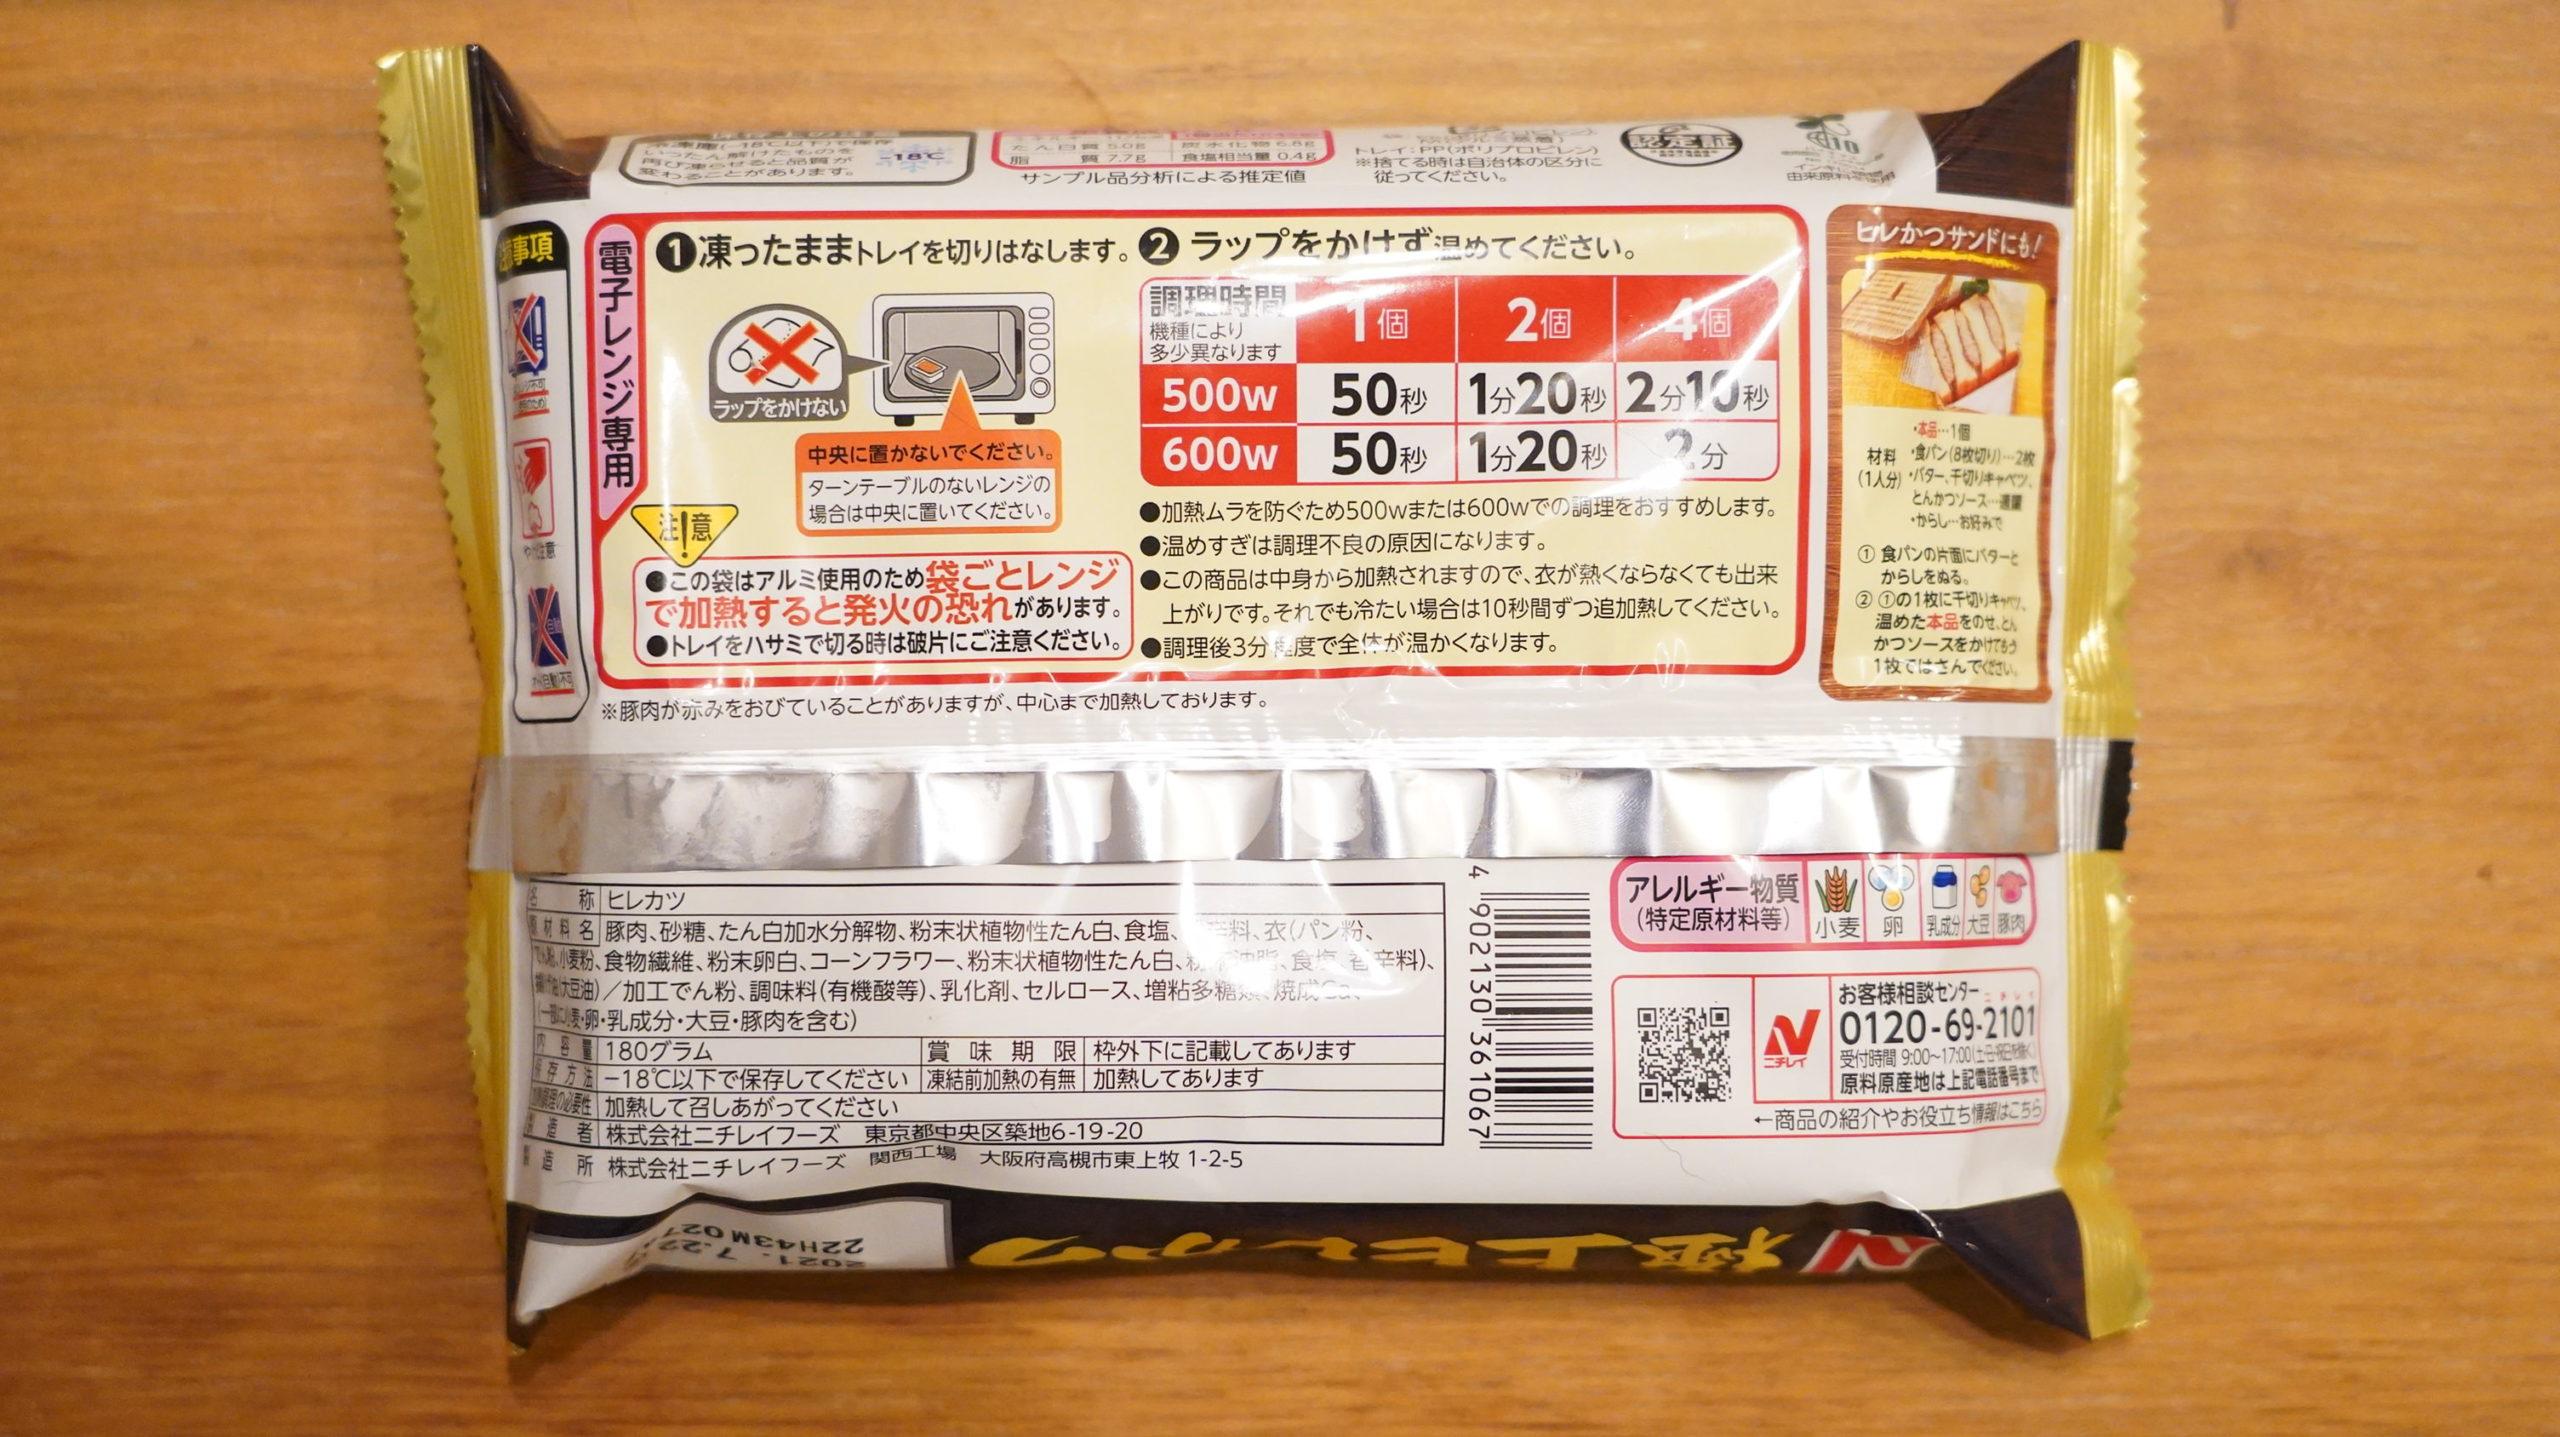 ニチレイの冷凍食品「極上ヒレかつ」のパッケージ裏面の写真